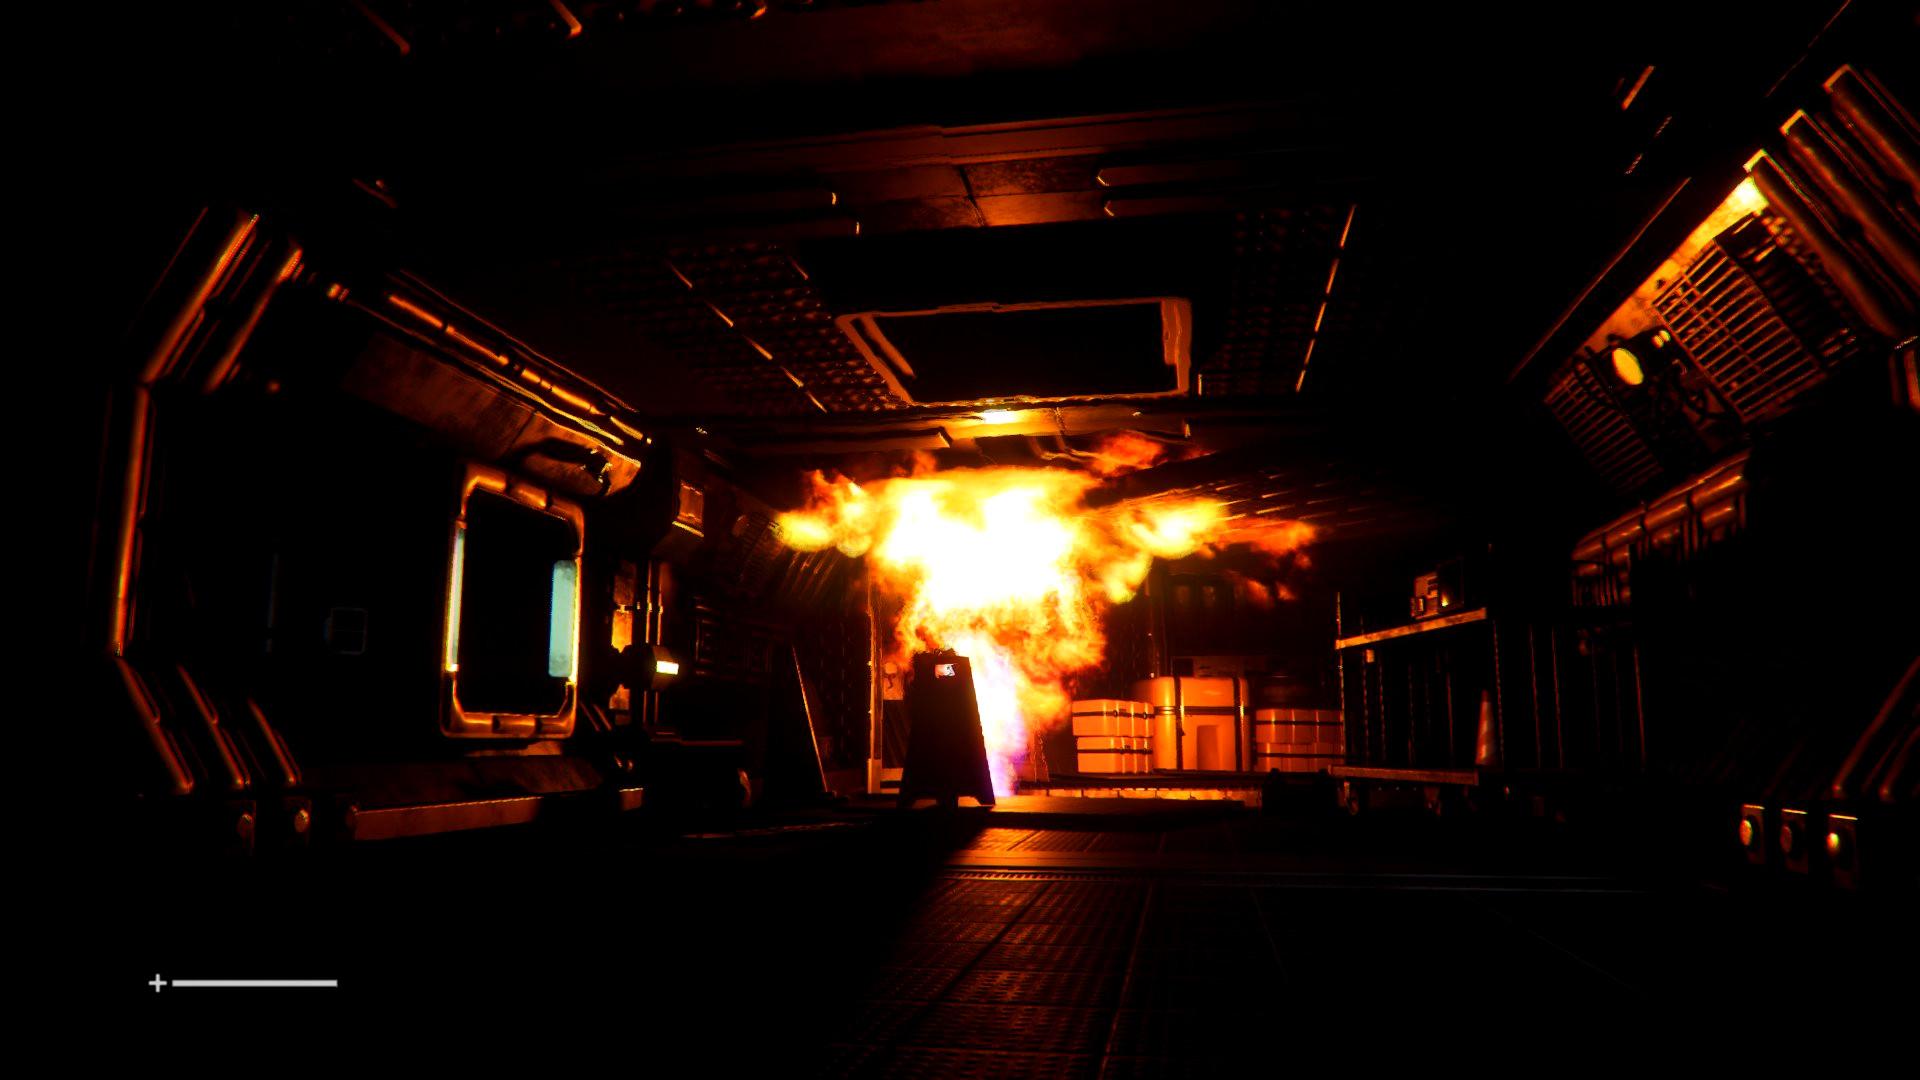 Alien Isolation Dreamscene 02 by droot1986 Alien Isolation Dreamscene 02 by  droot1986